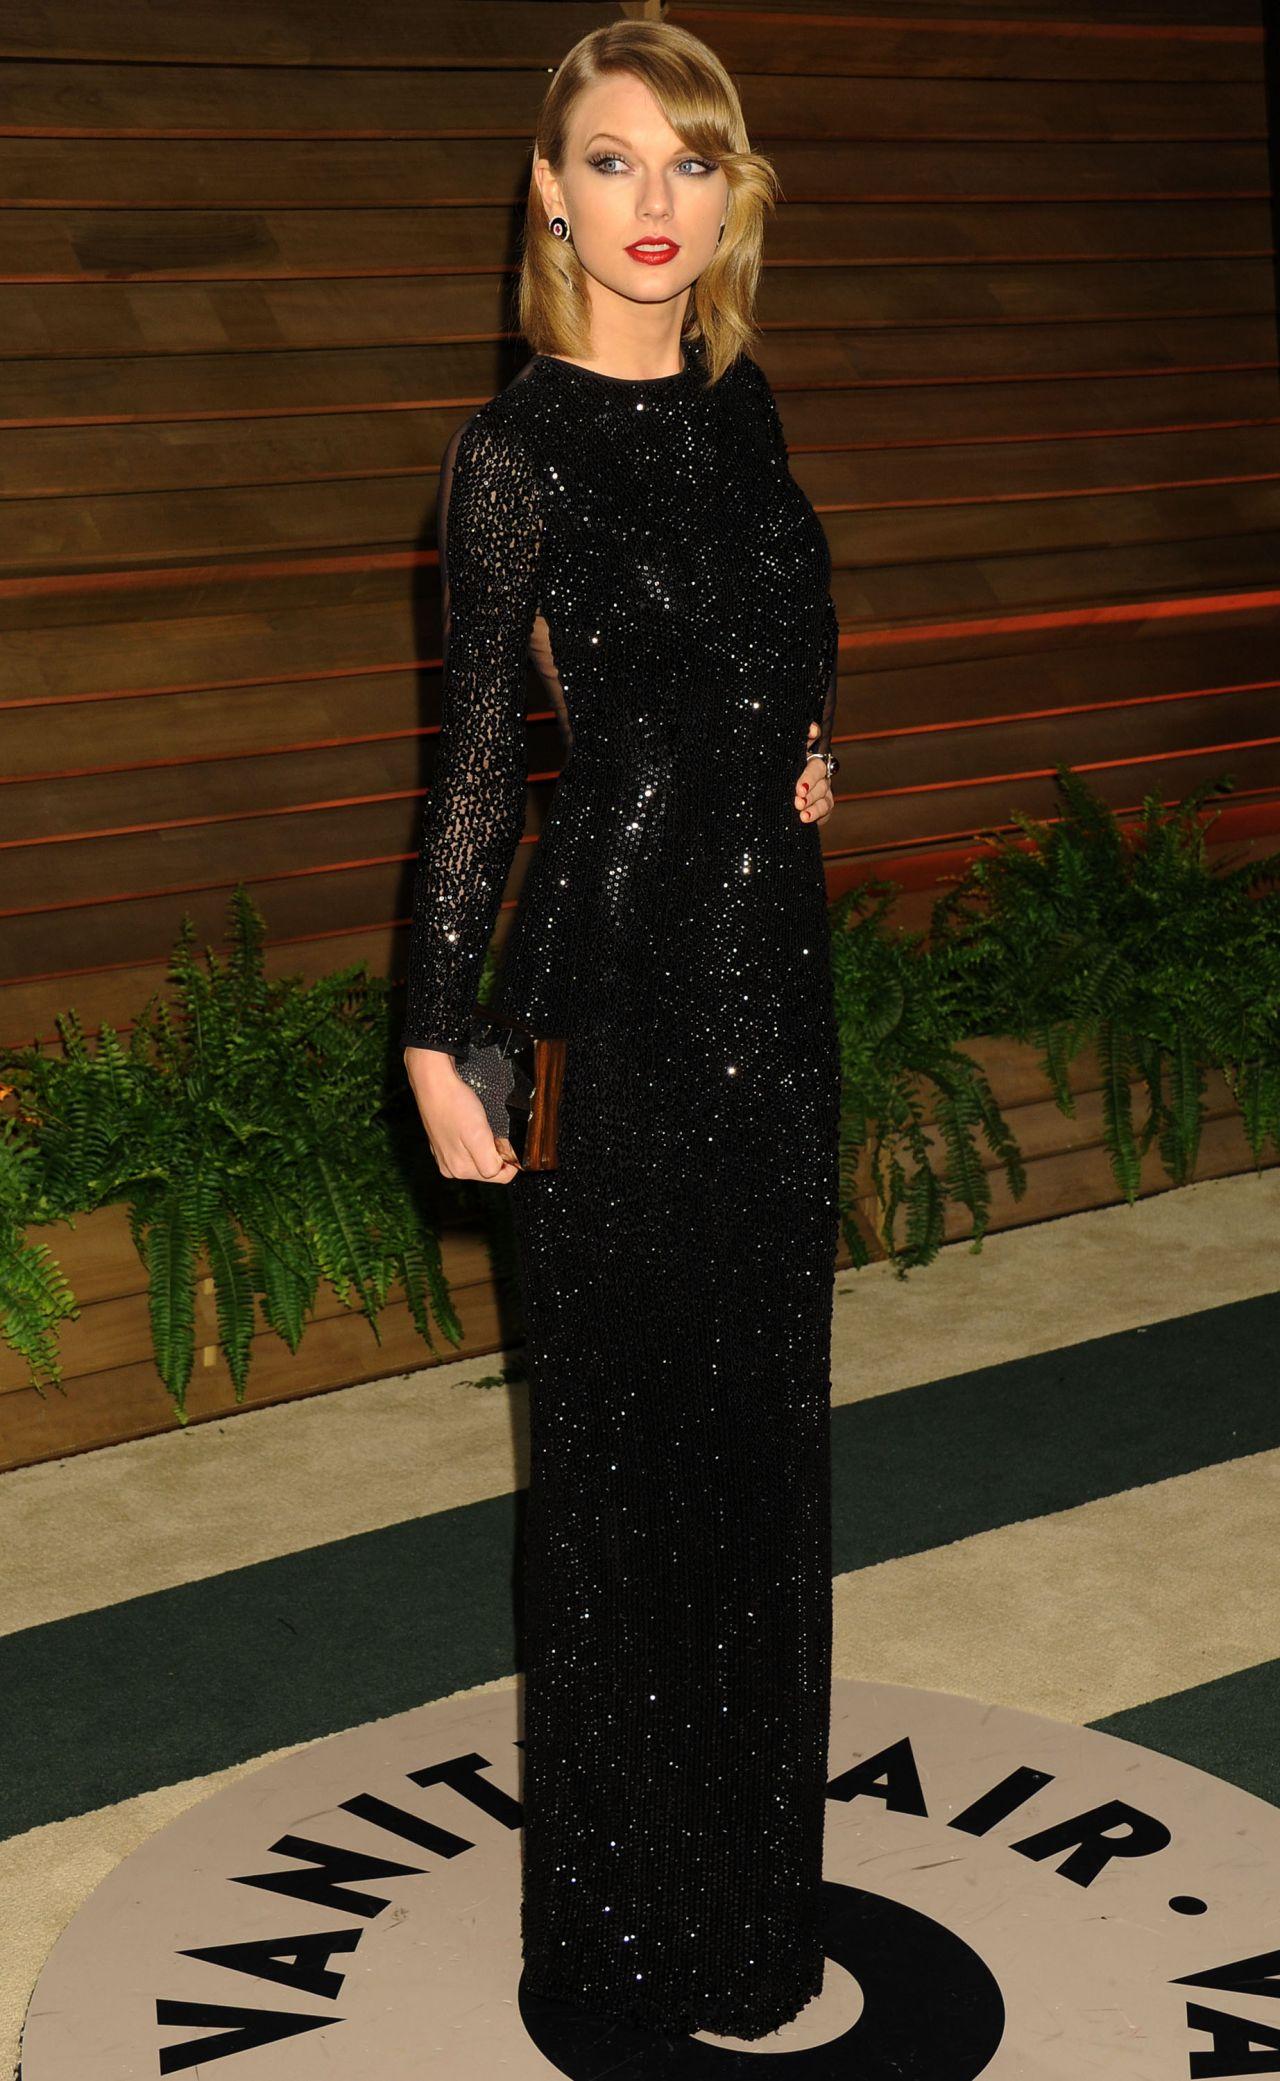 Taylor Swift In Black Sequin Julien Macdonald Floor Length